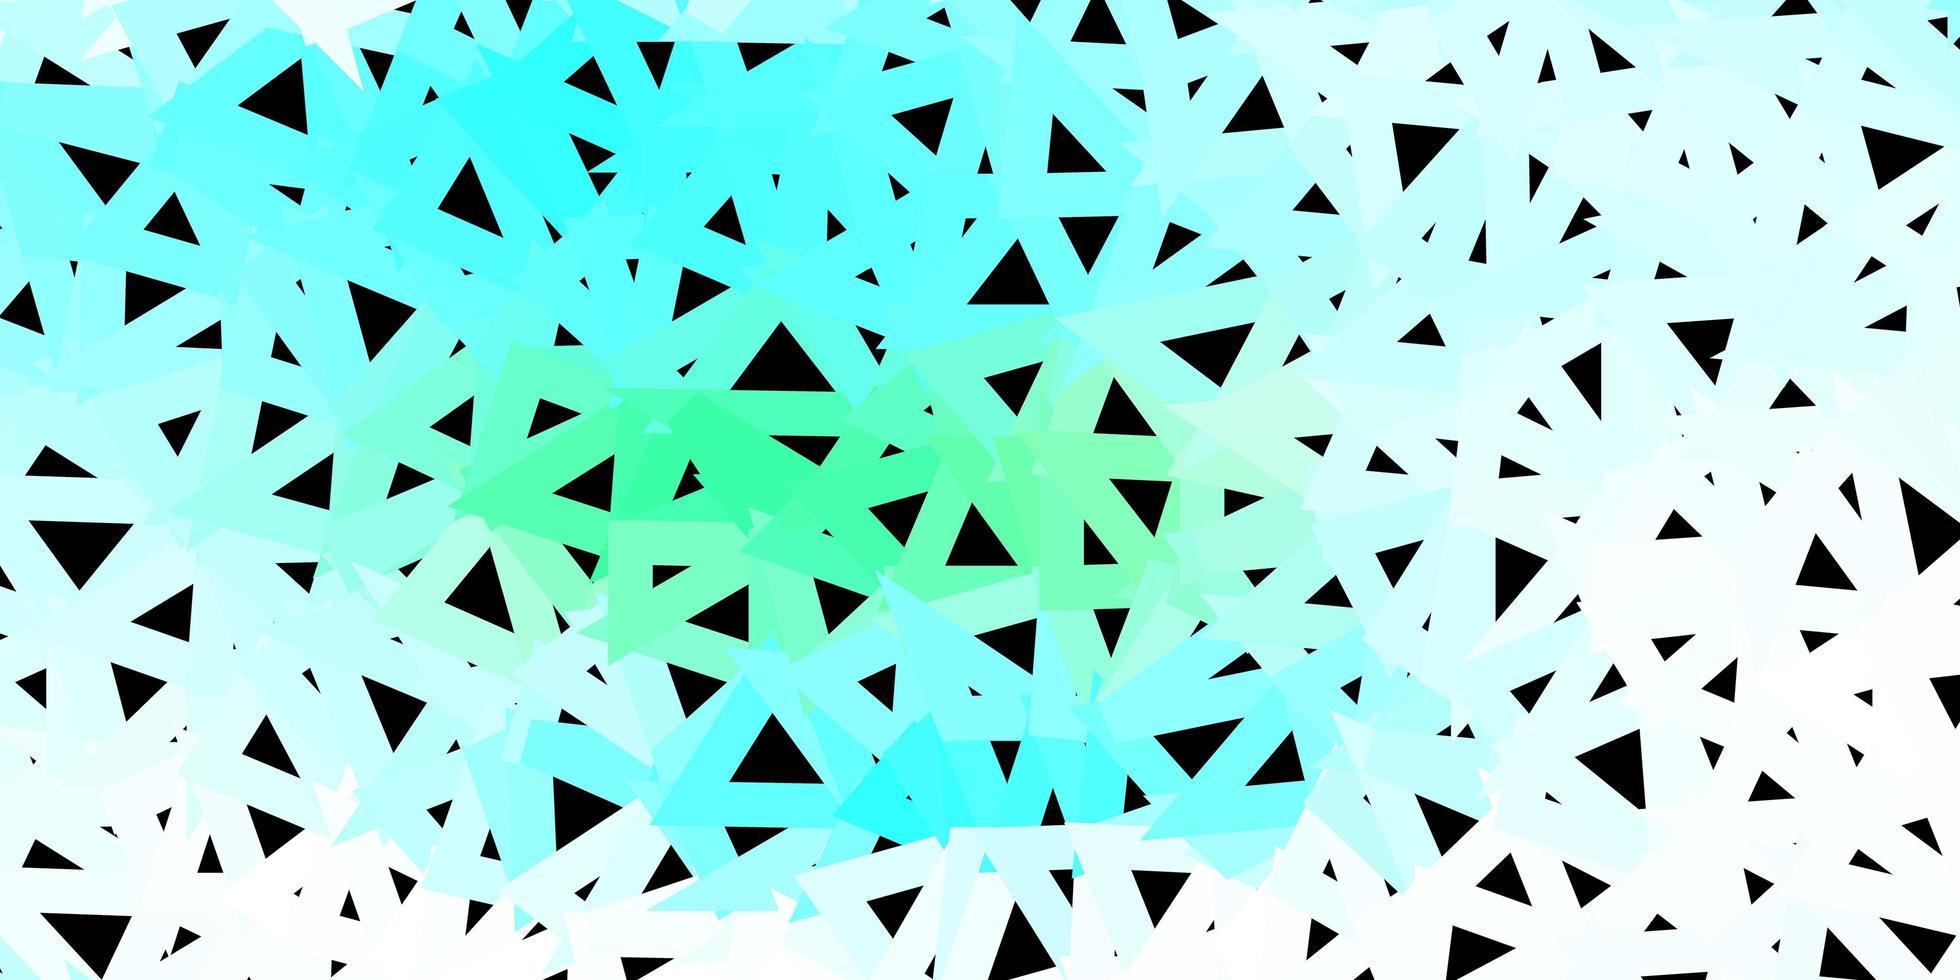 fond de mosaïque triangulaire bleu clair et vert. vecteur